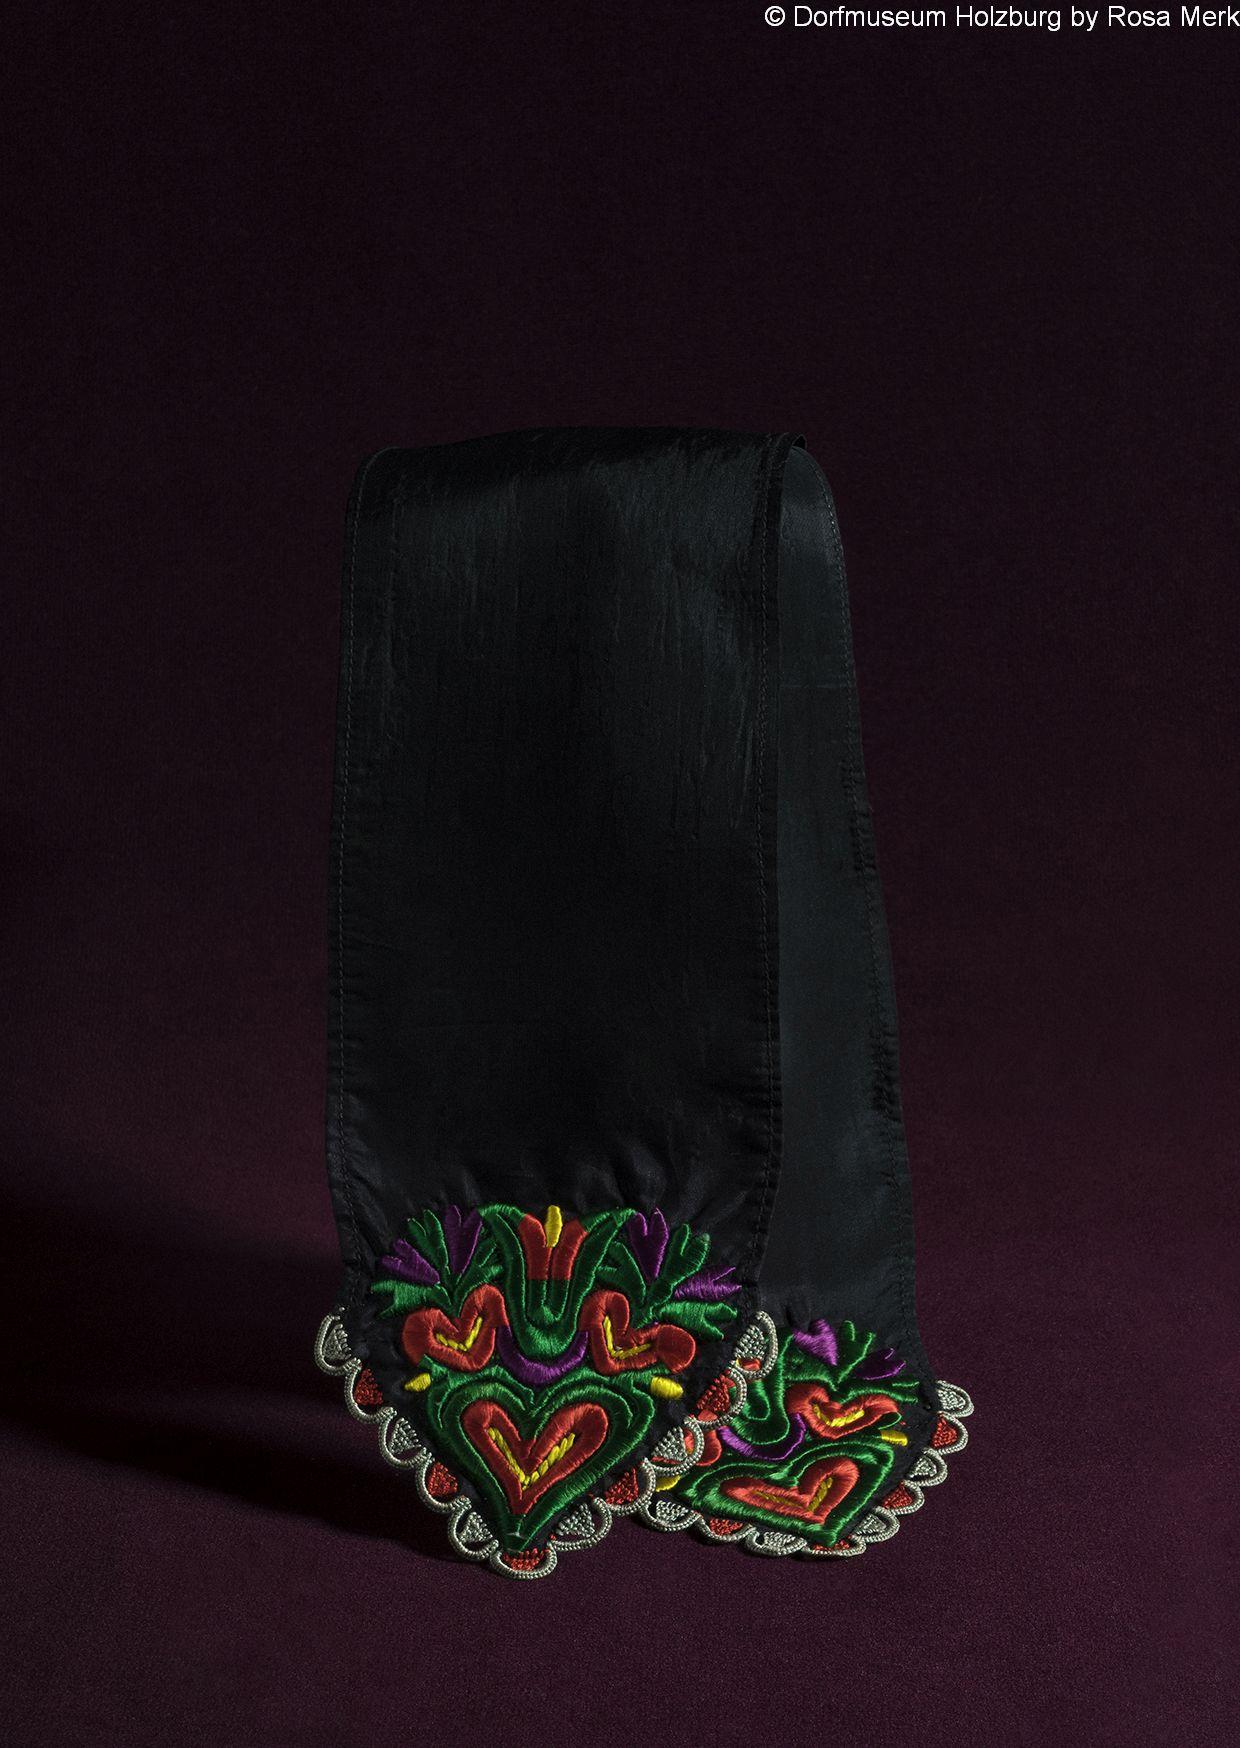 Krawatte für Schwälmer Männertracht, 20. Jh., schwarzes Moiréeband, Spitzen mit Tulpe und Herzen bunt bestickt